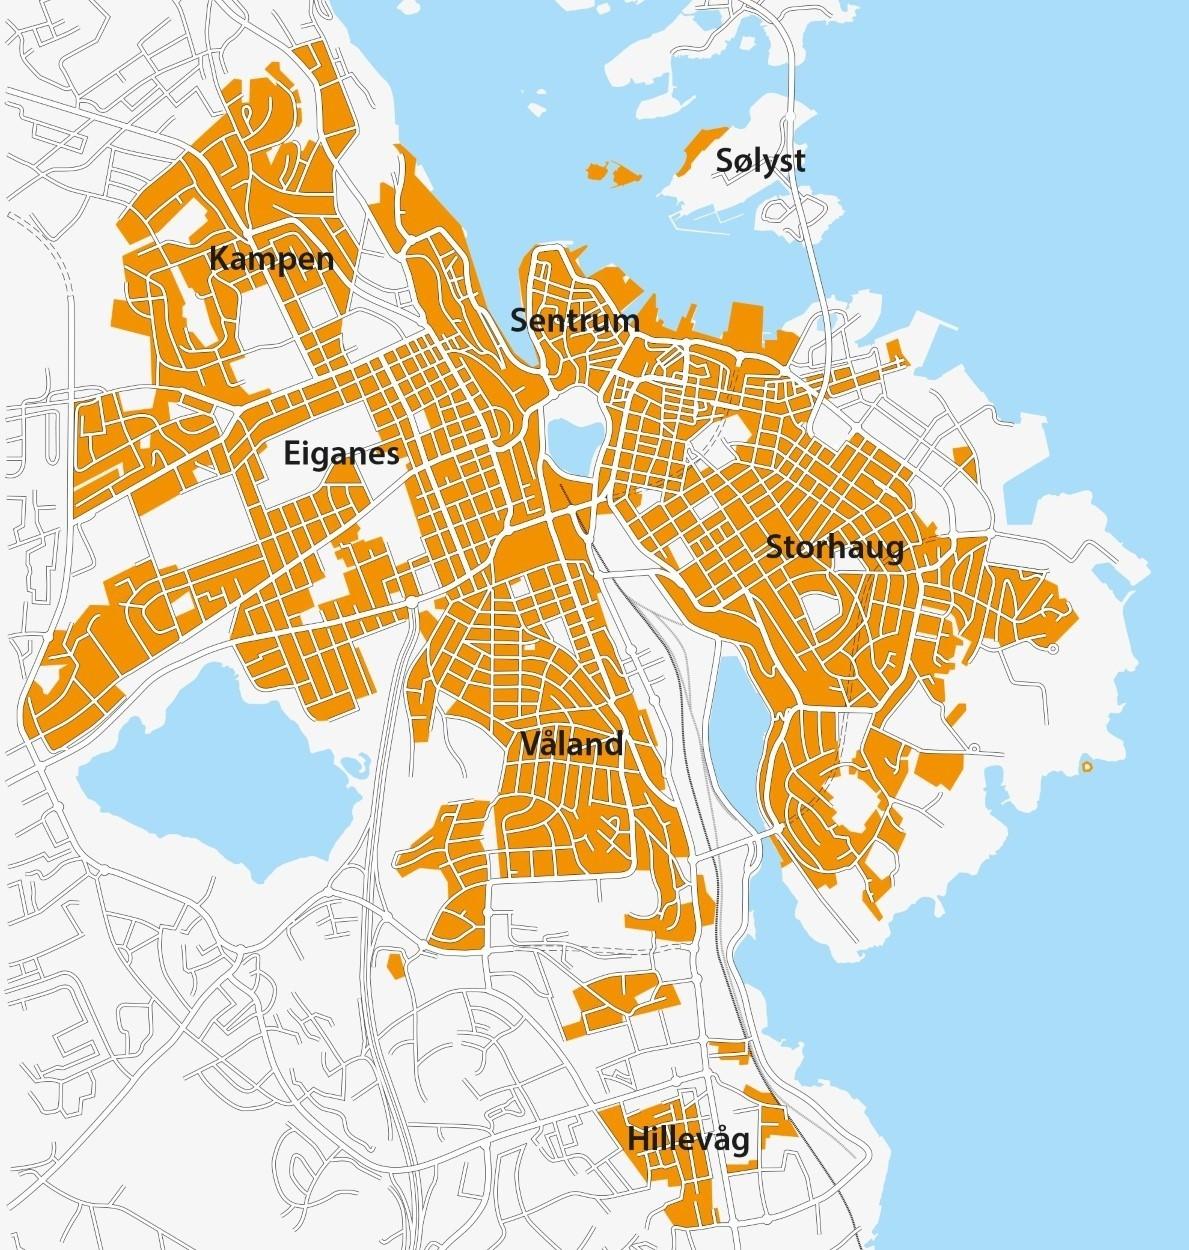 Tilbygg Stavanger Kommune